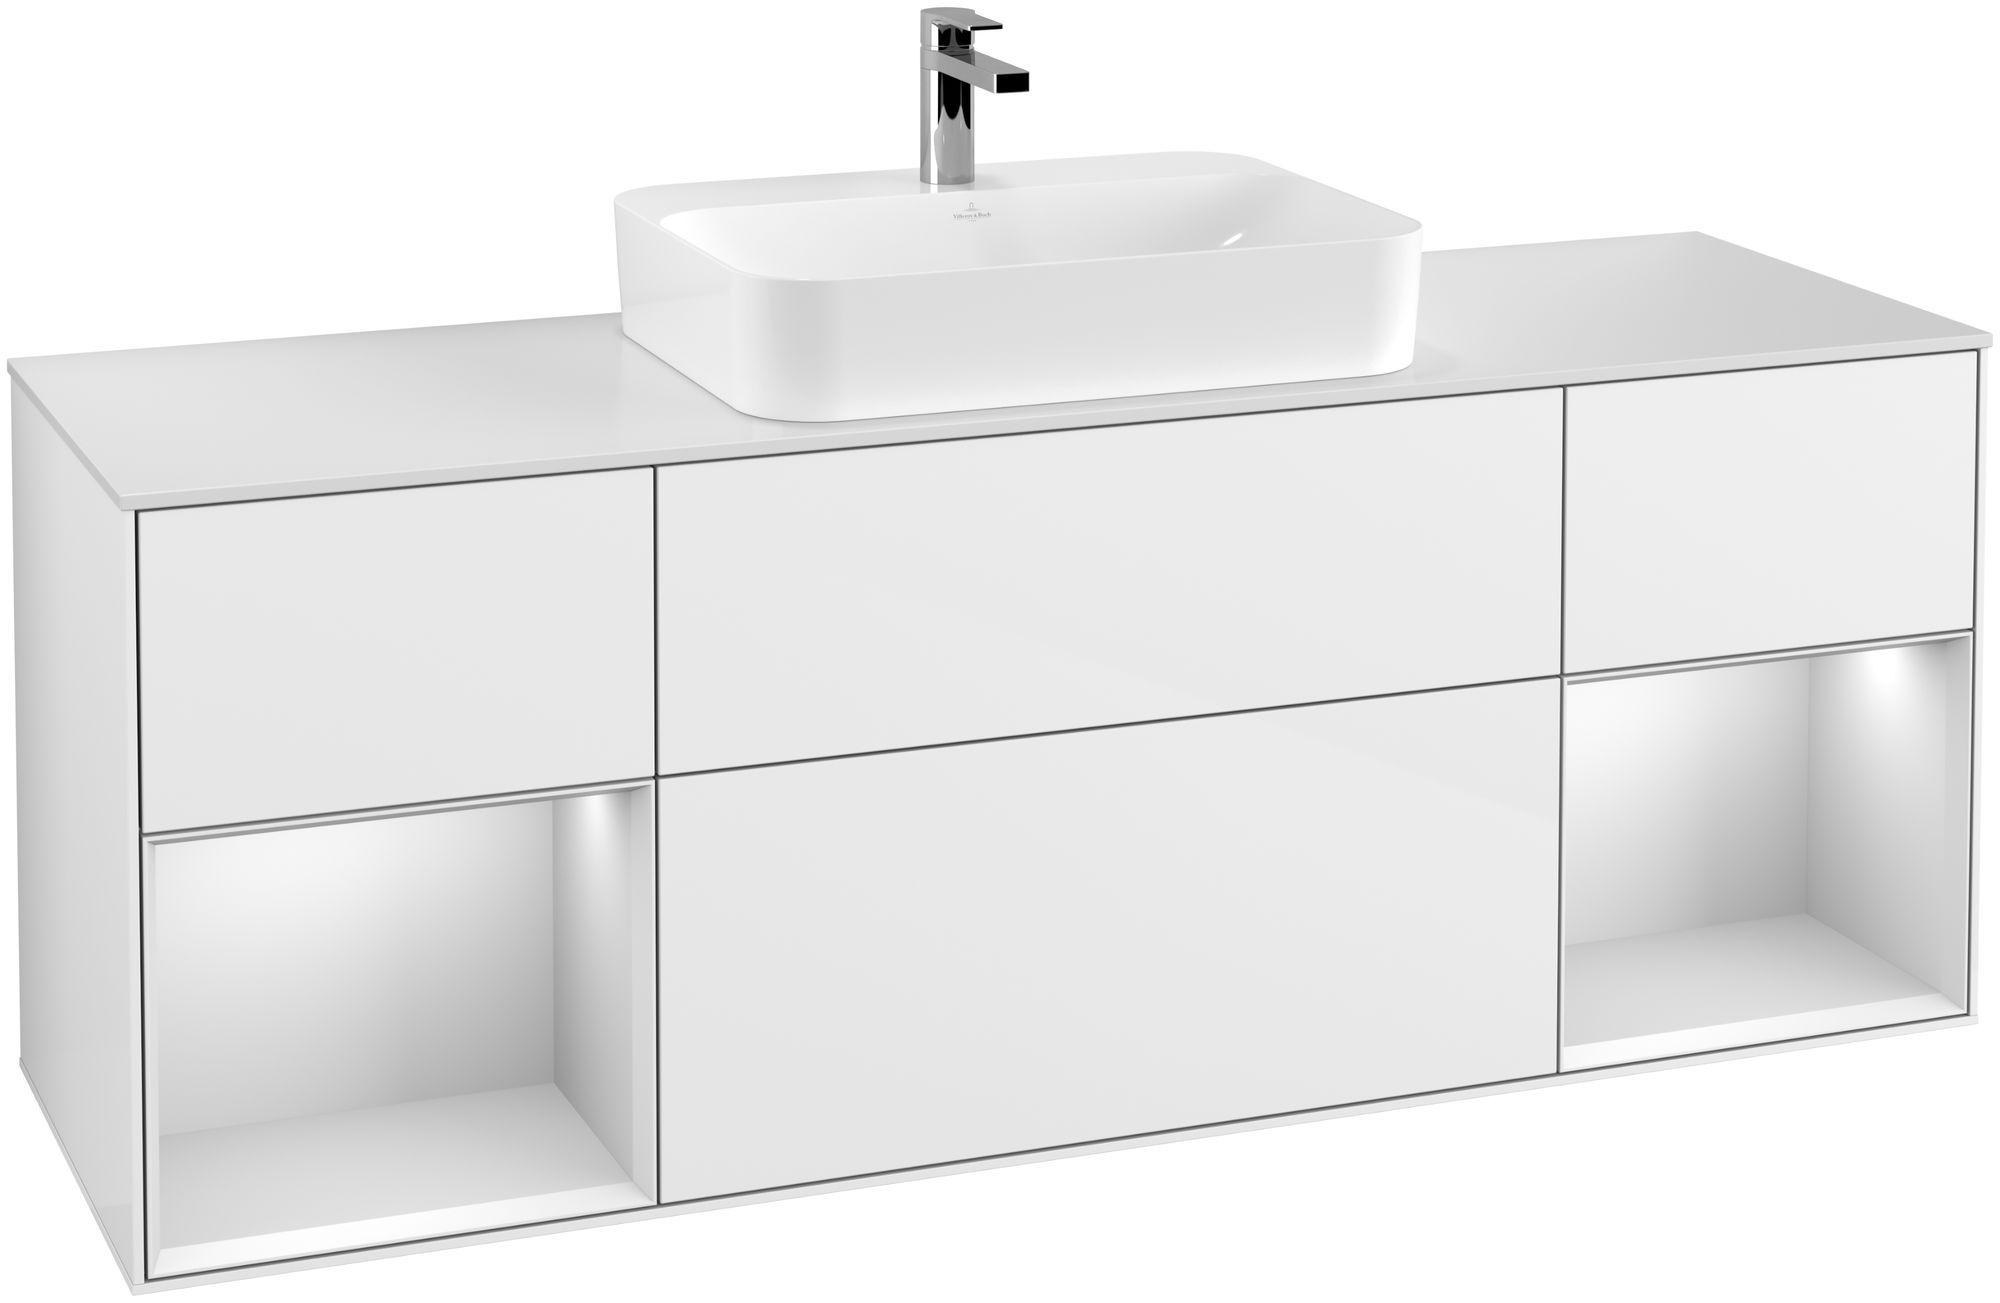 Villeroy & Boch Finion F45 Waschtischunterschrank mit Regalelement 4 Auszüge Waschtisch mittig LED-Beleuchtung B:160xH:60,3xT:50,1cm Front, Korpus: Glossy White Lack, Regal: Weiß Matt Soft Grey, Glasplatte: White Matt F451MTGF